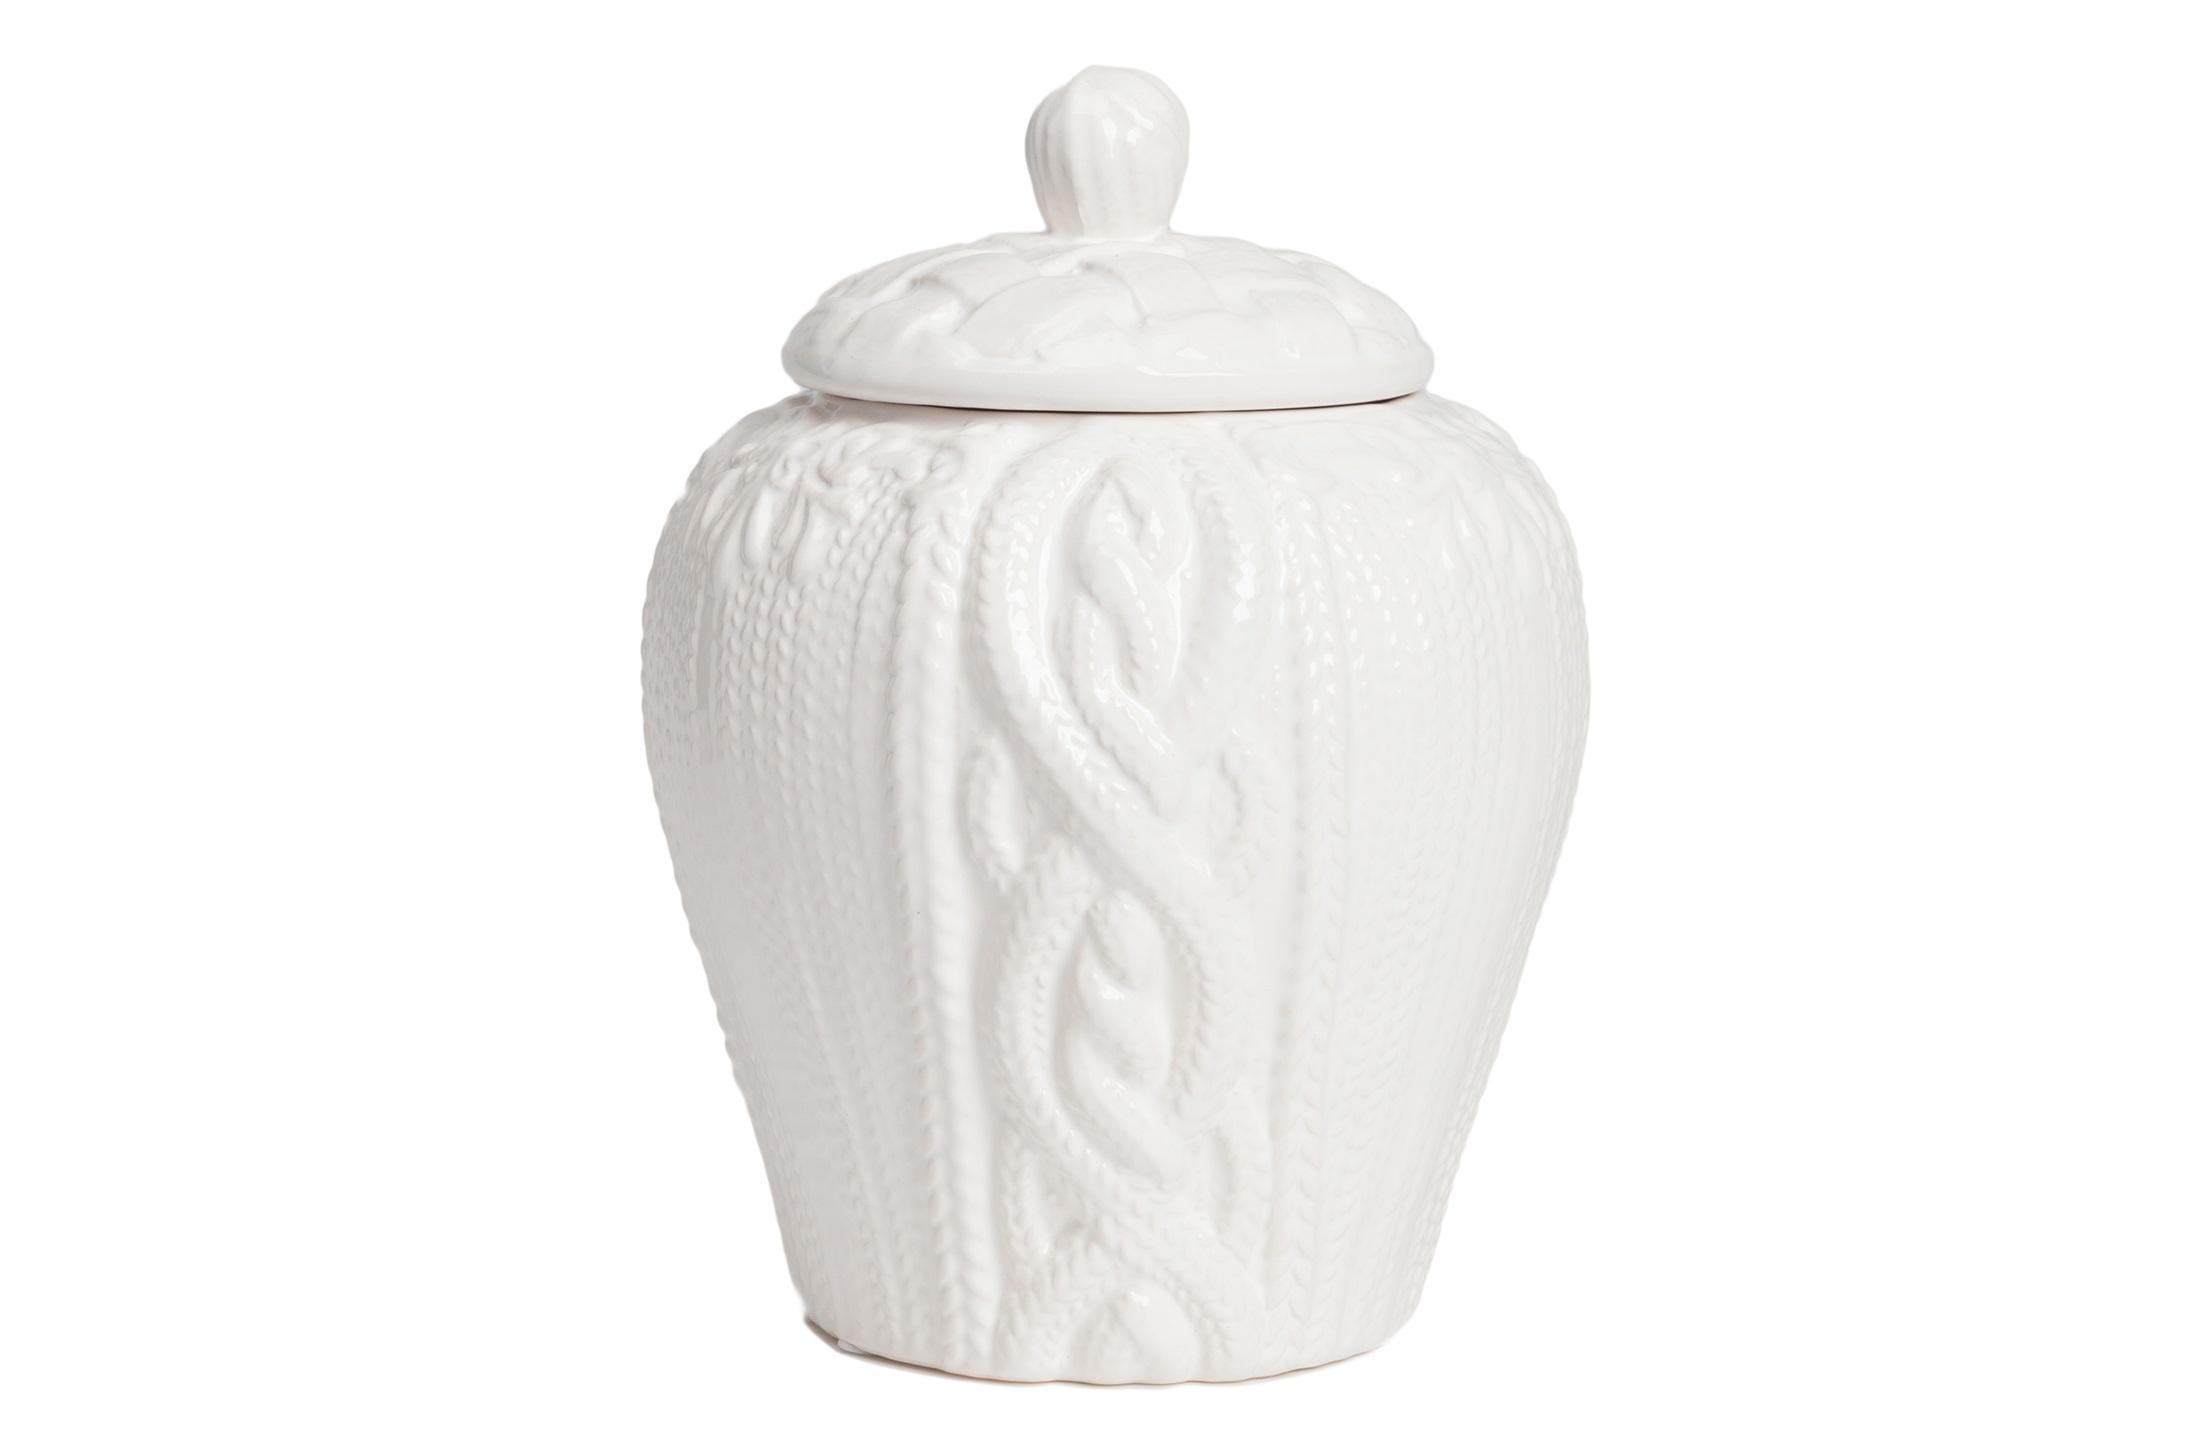 Декоративная ваза LindleyЕмкости для хранения<br><br><br>Material: Керамика<br>Length см: None<br>Width см: None<br>Height см: 20,5<br>Diameter см: 16